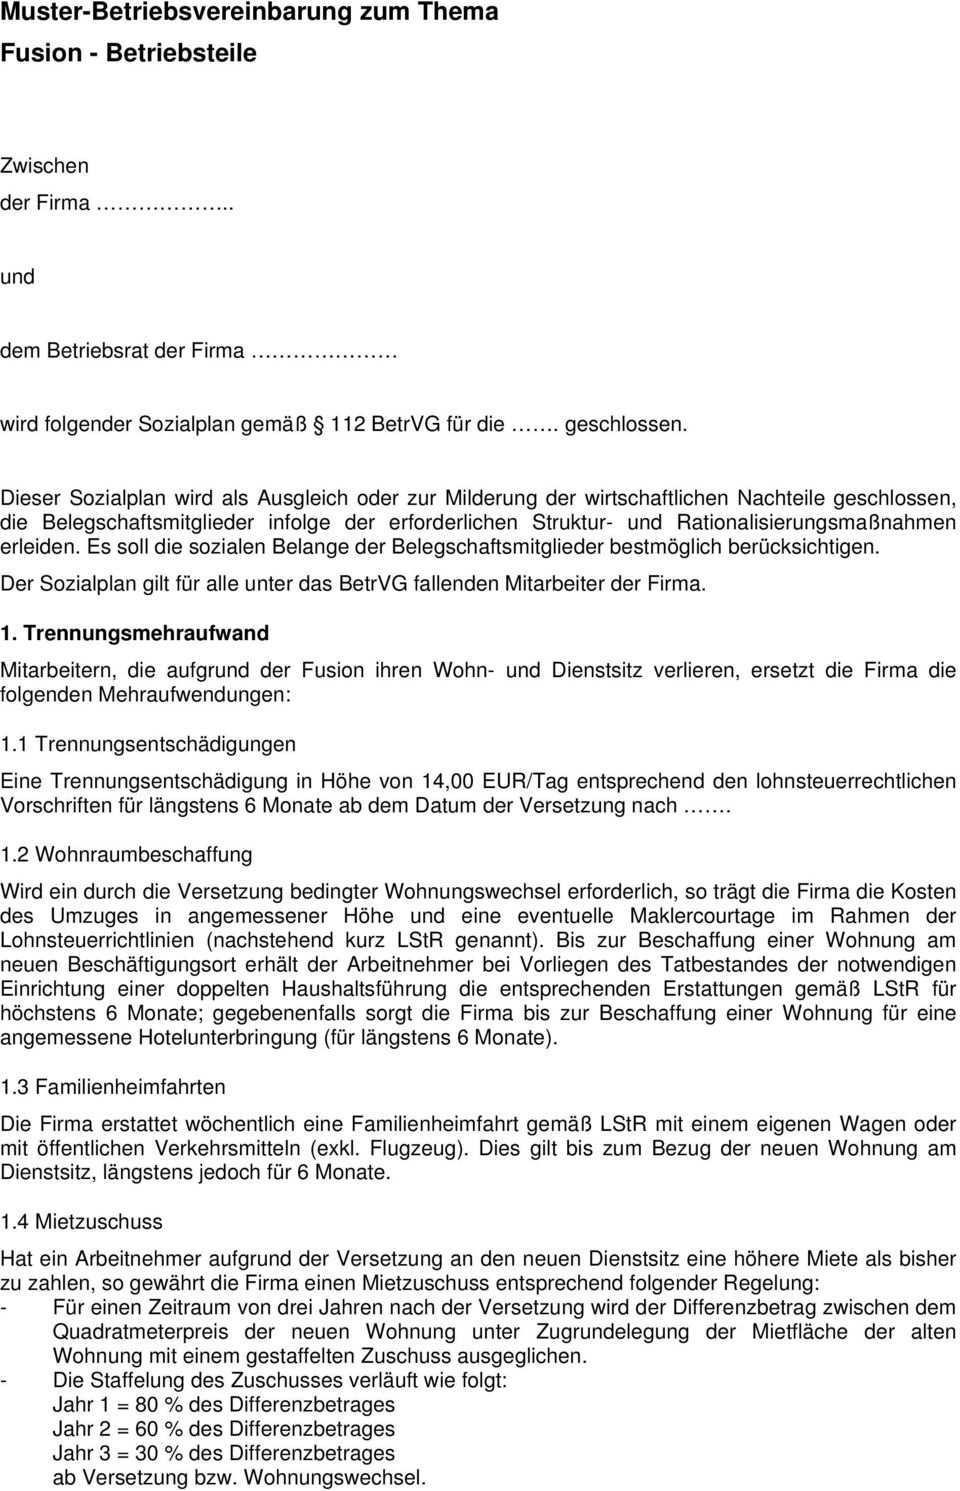 Muster Betriebsvereinbarung Zum Thema Fusion Betriebsteile Pdf Kostenfreier Download